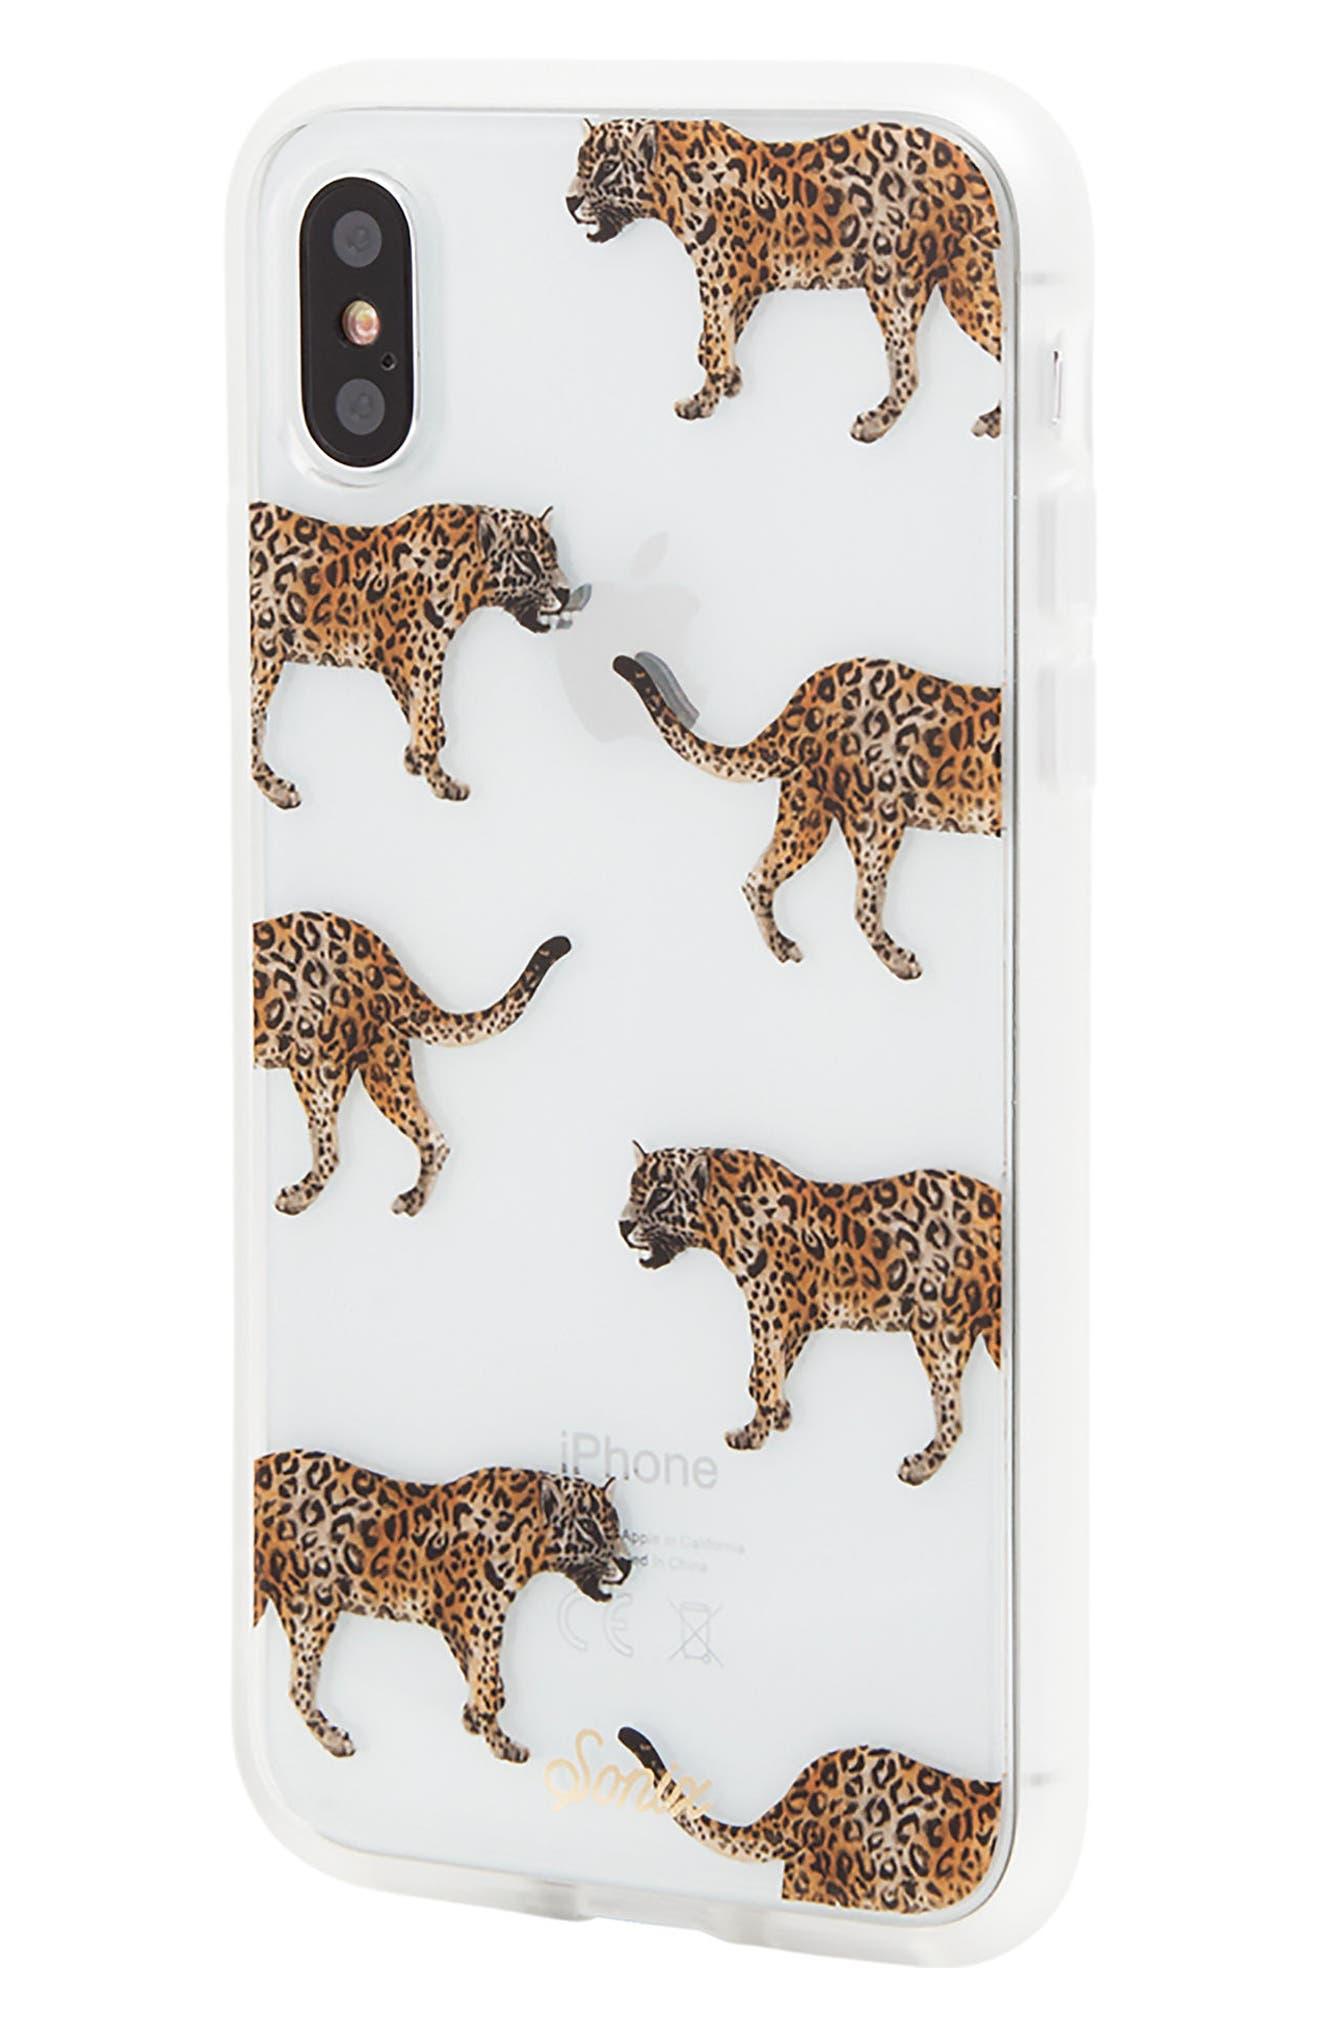 Deco Leopard iPhone X Case,                             Alternate thumbnail 2, color,                             Brown/ Black